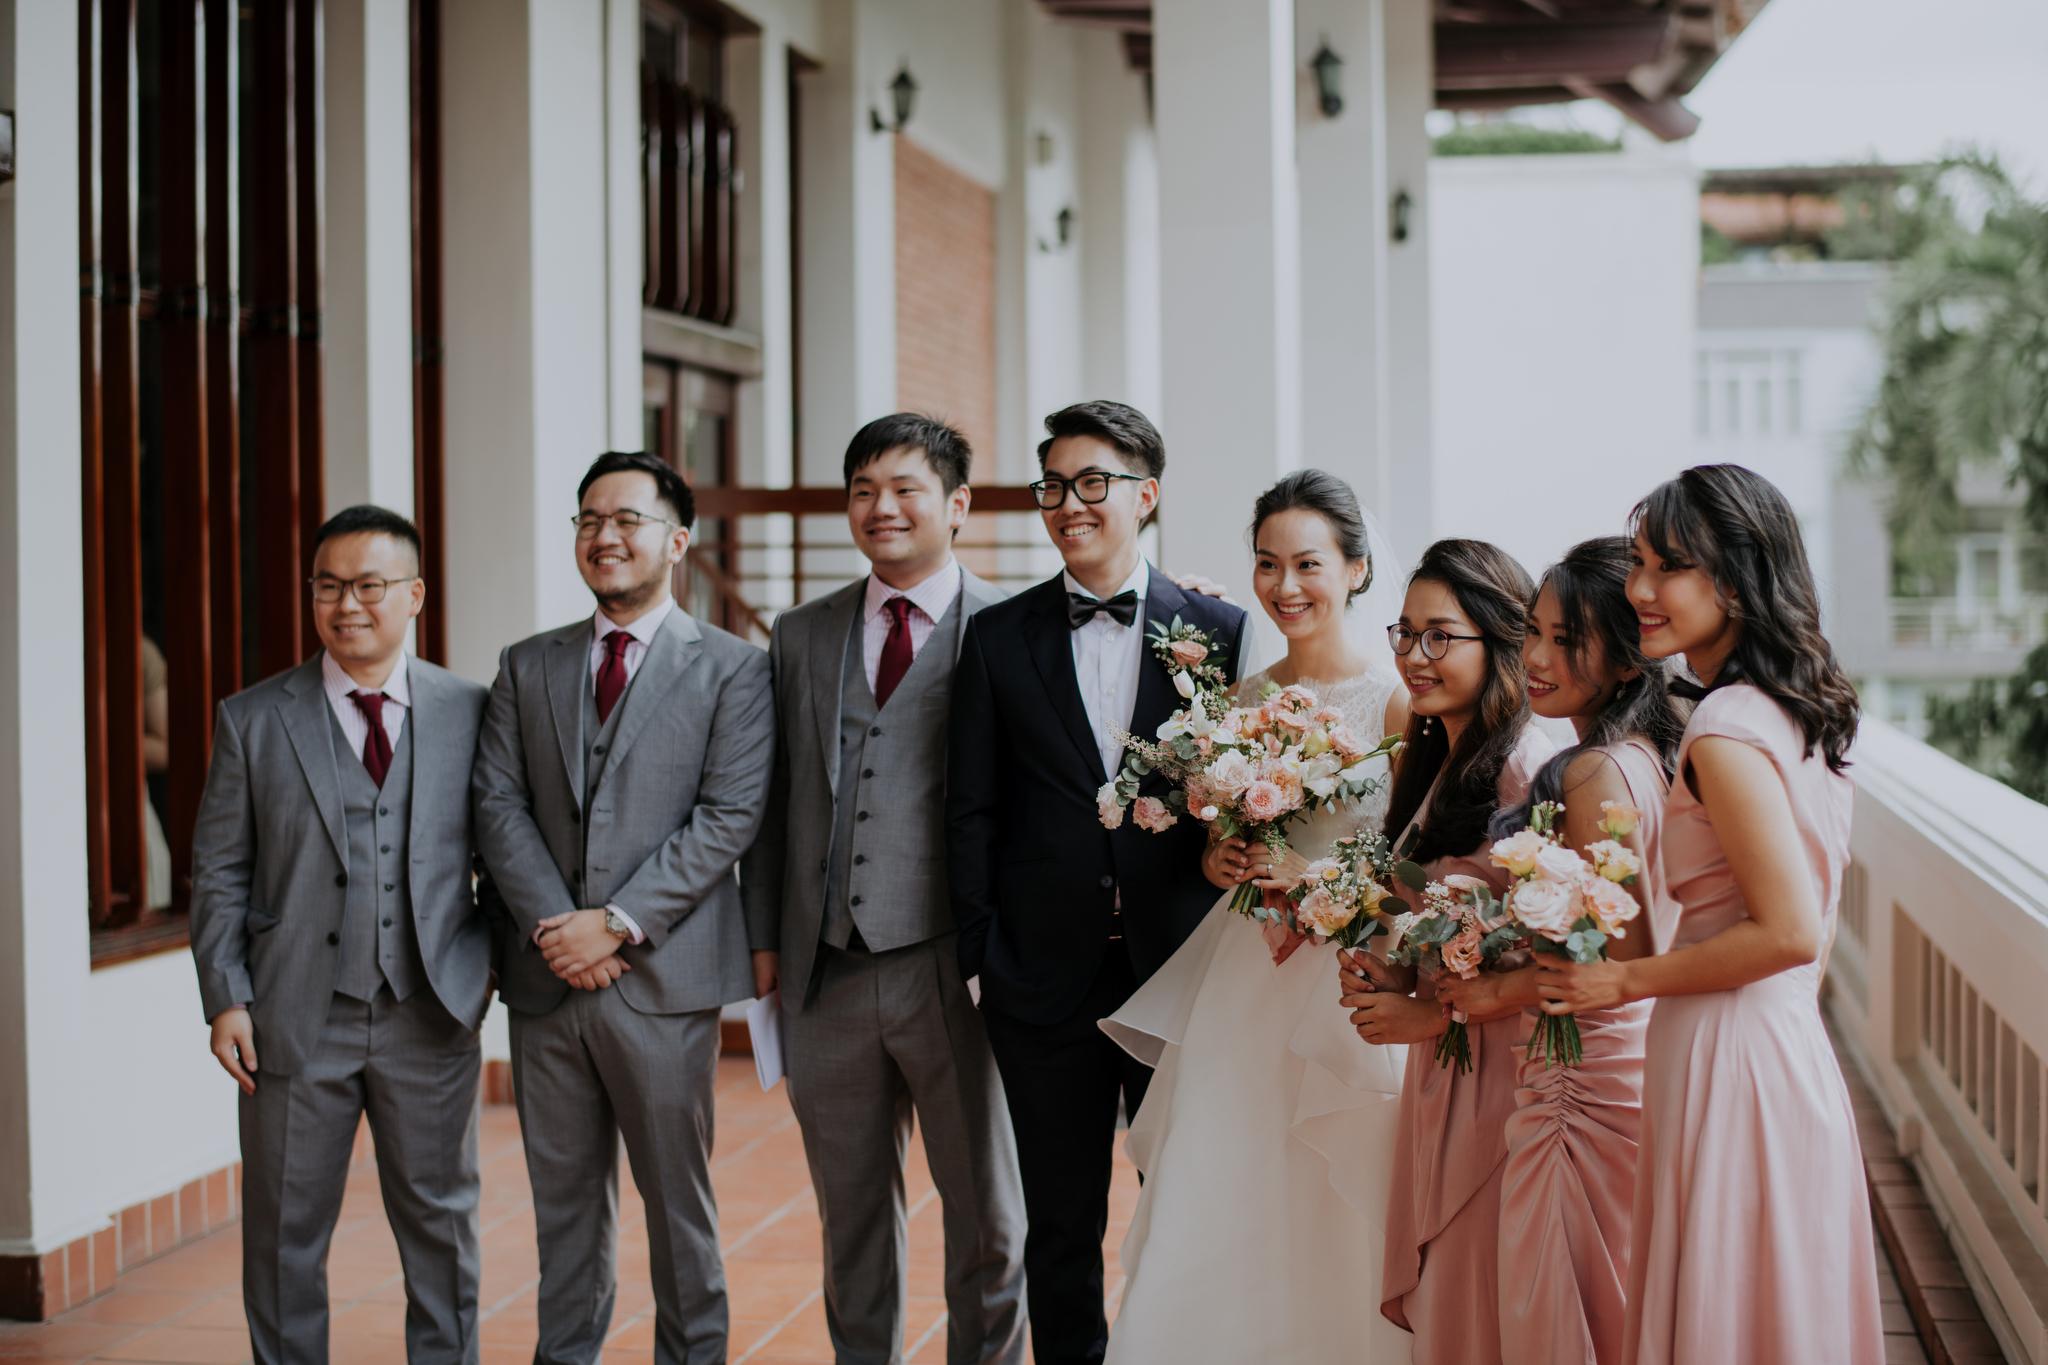 https://huk.s3.amazonaws.com/uploads/image/source/1394/Phuong-Diep-HN-Ceremony-1-0386.JPG